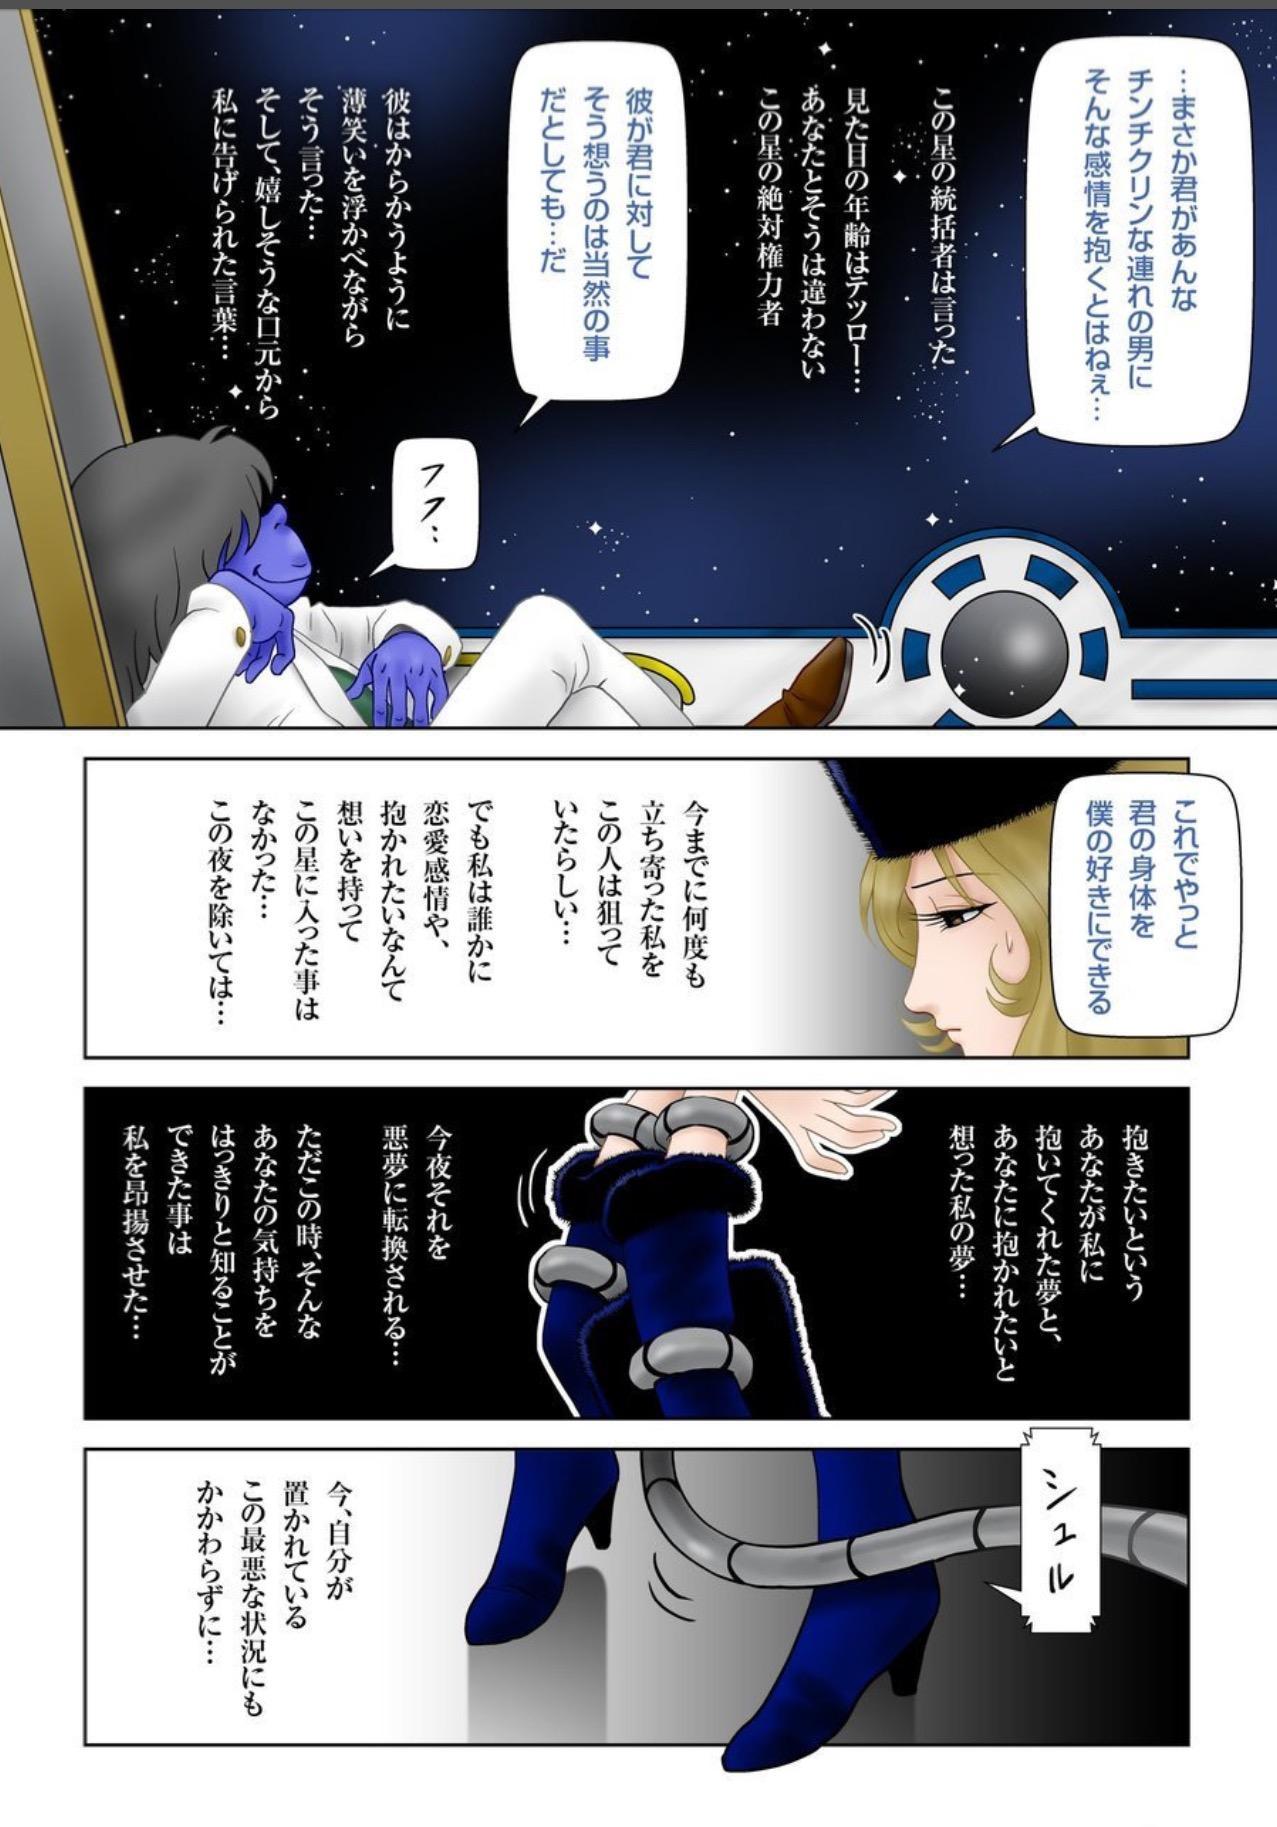 Ginga no Tabi 999-nichime no Yoru 9